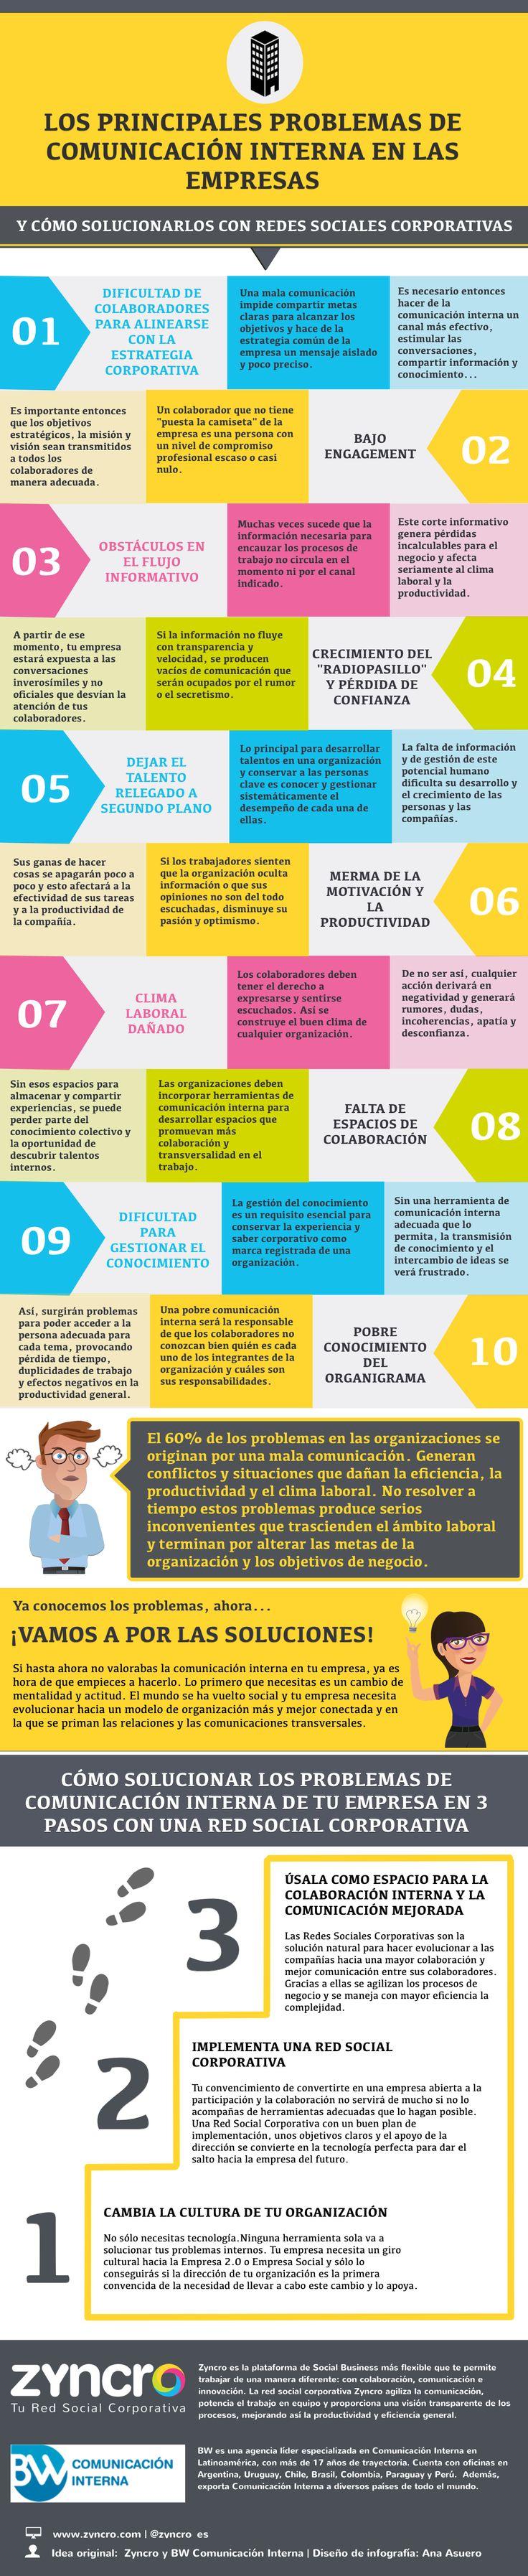 ¿Cuáles son los principales problemas de #comunicación interna de las empresas? #rrhh #recursoshumanos #infografia